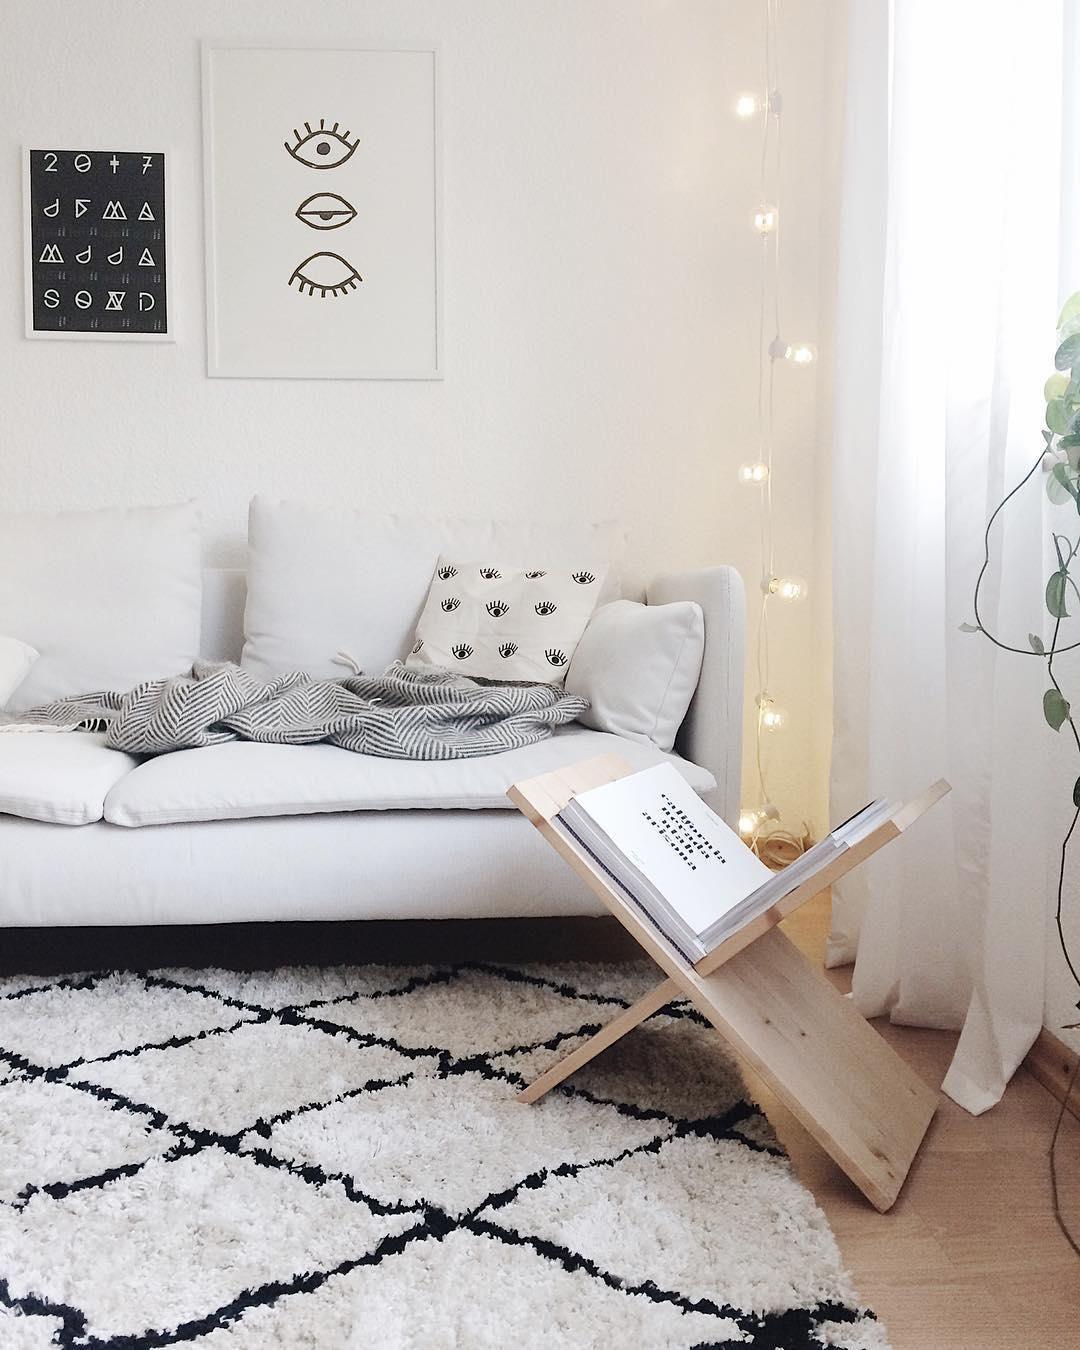 We Love Beni Ourain Der Teppich Trend Mit Marokkanischen Wurzeln Darf Momentan In Keinem Wohnzimmer Fe Teppich Wohnzimmer Gemusterte Teppiche Haus Interieurs